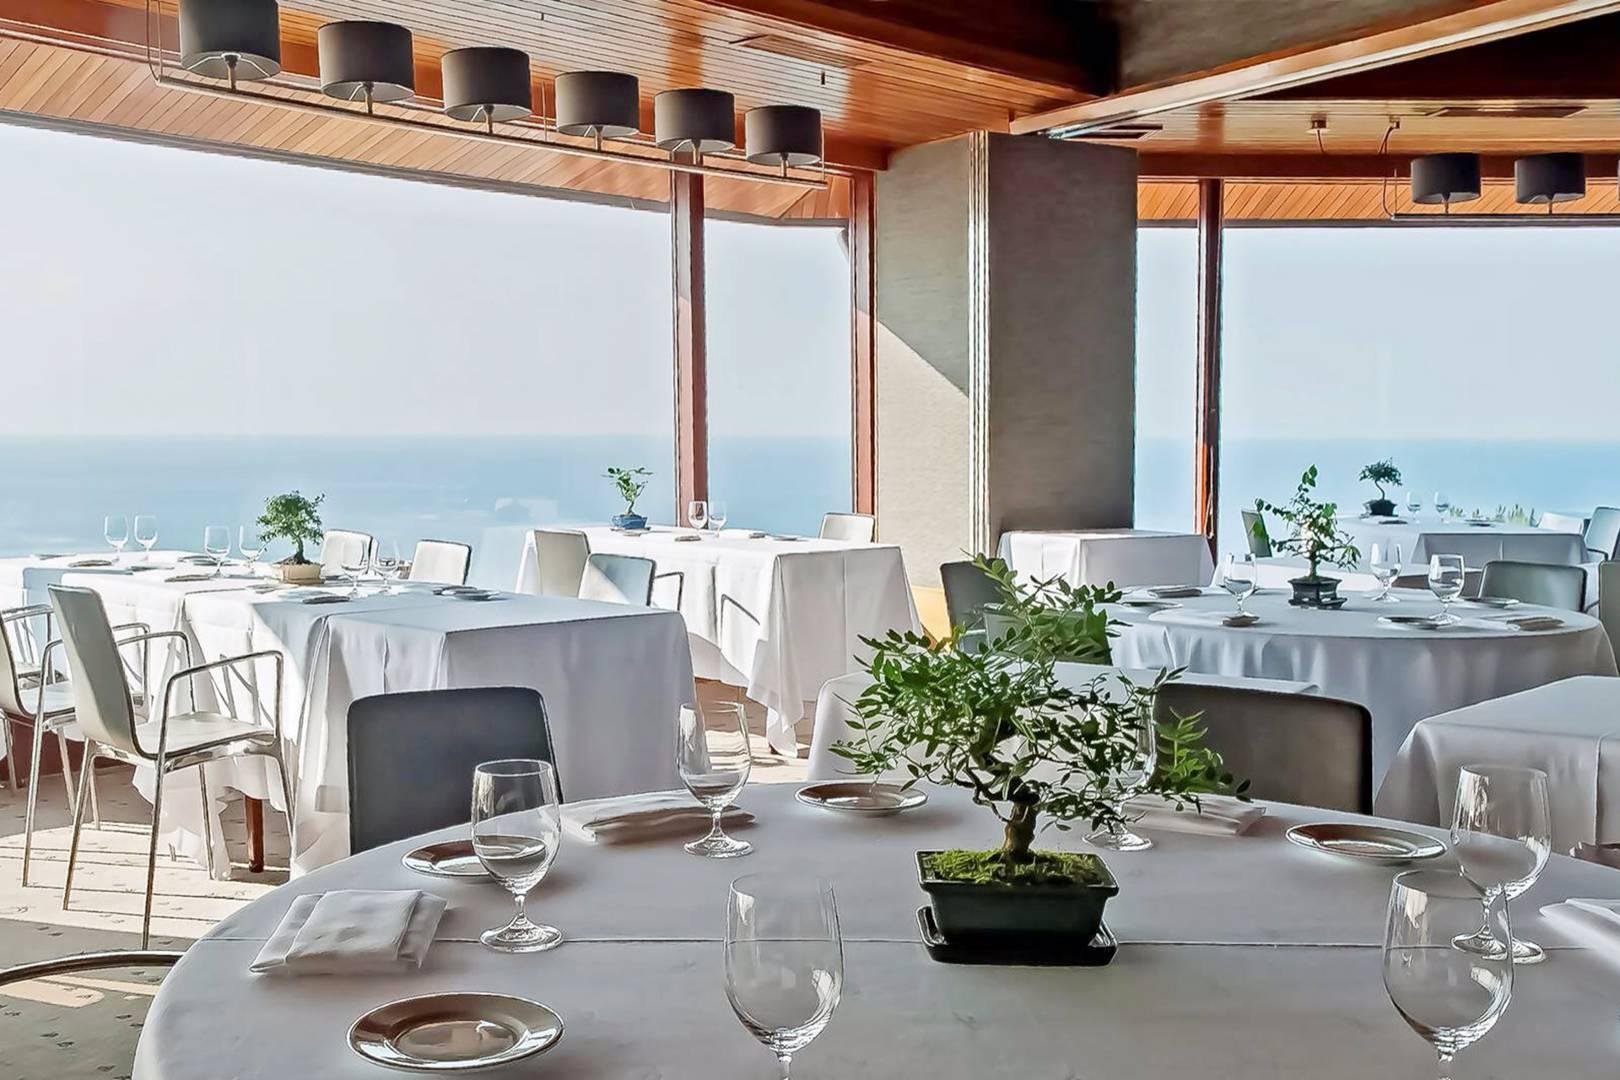 Arzak restaurant in Spain